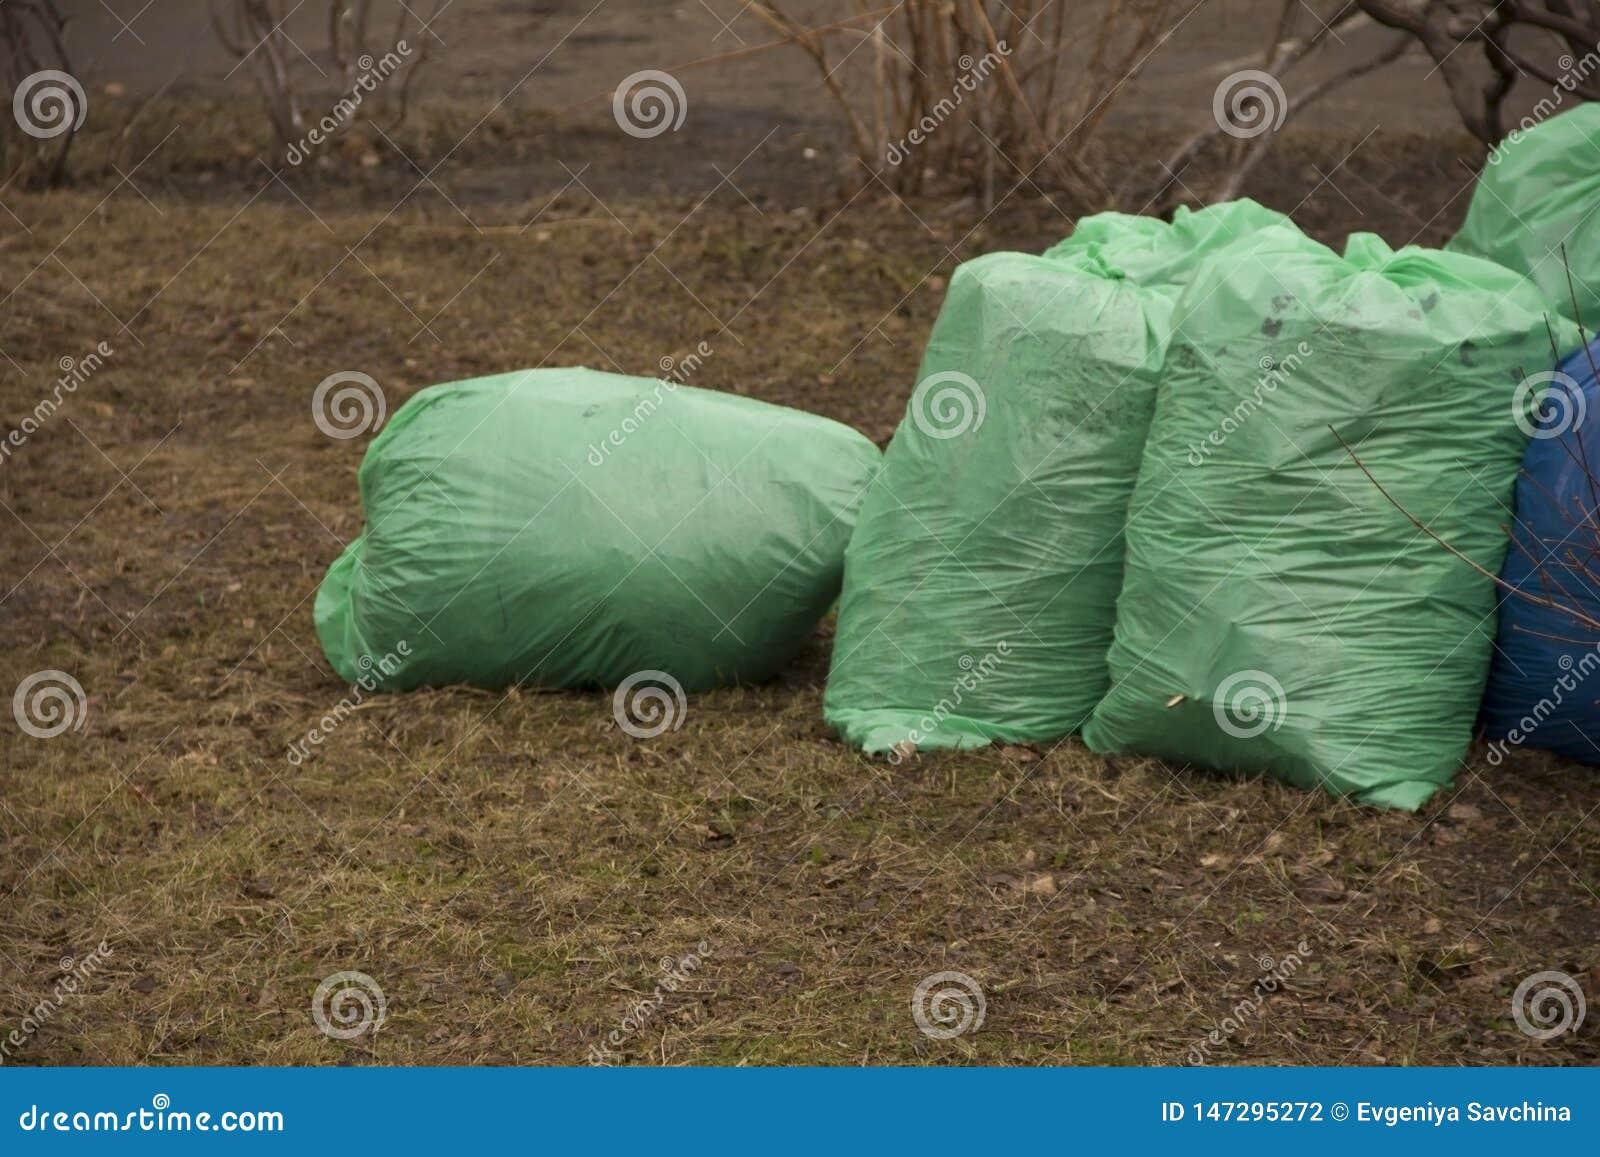 Avskrädepåsar fylls med avfall